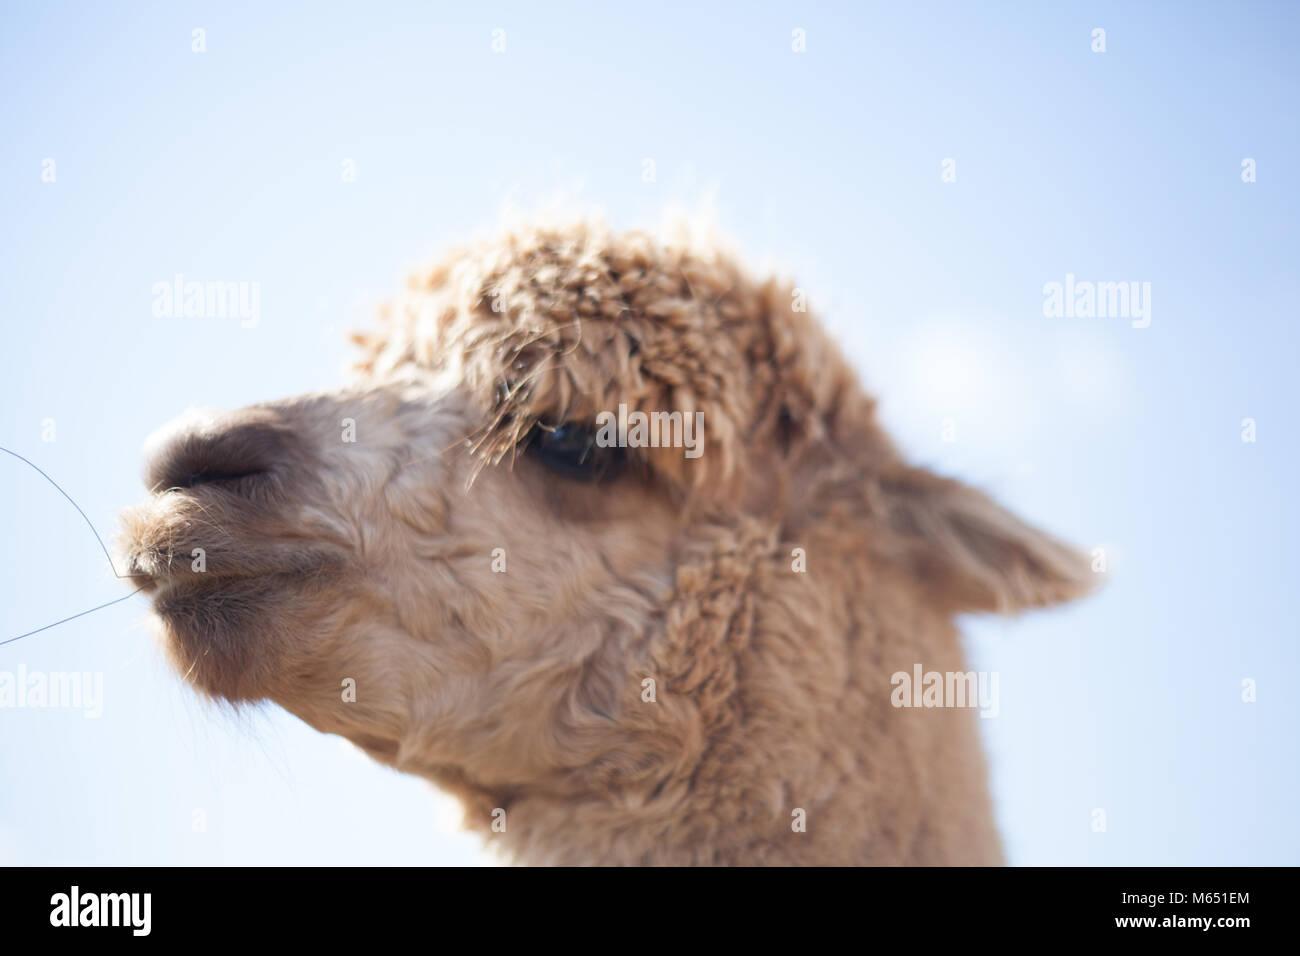 Nahaufnahme von einem Lama zeigen Charakter und Persönlichkeit an einem sonnigen Tag Stockbild